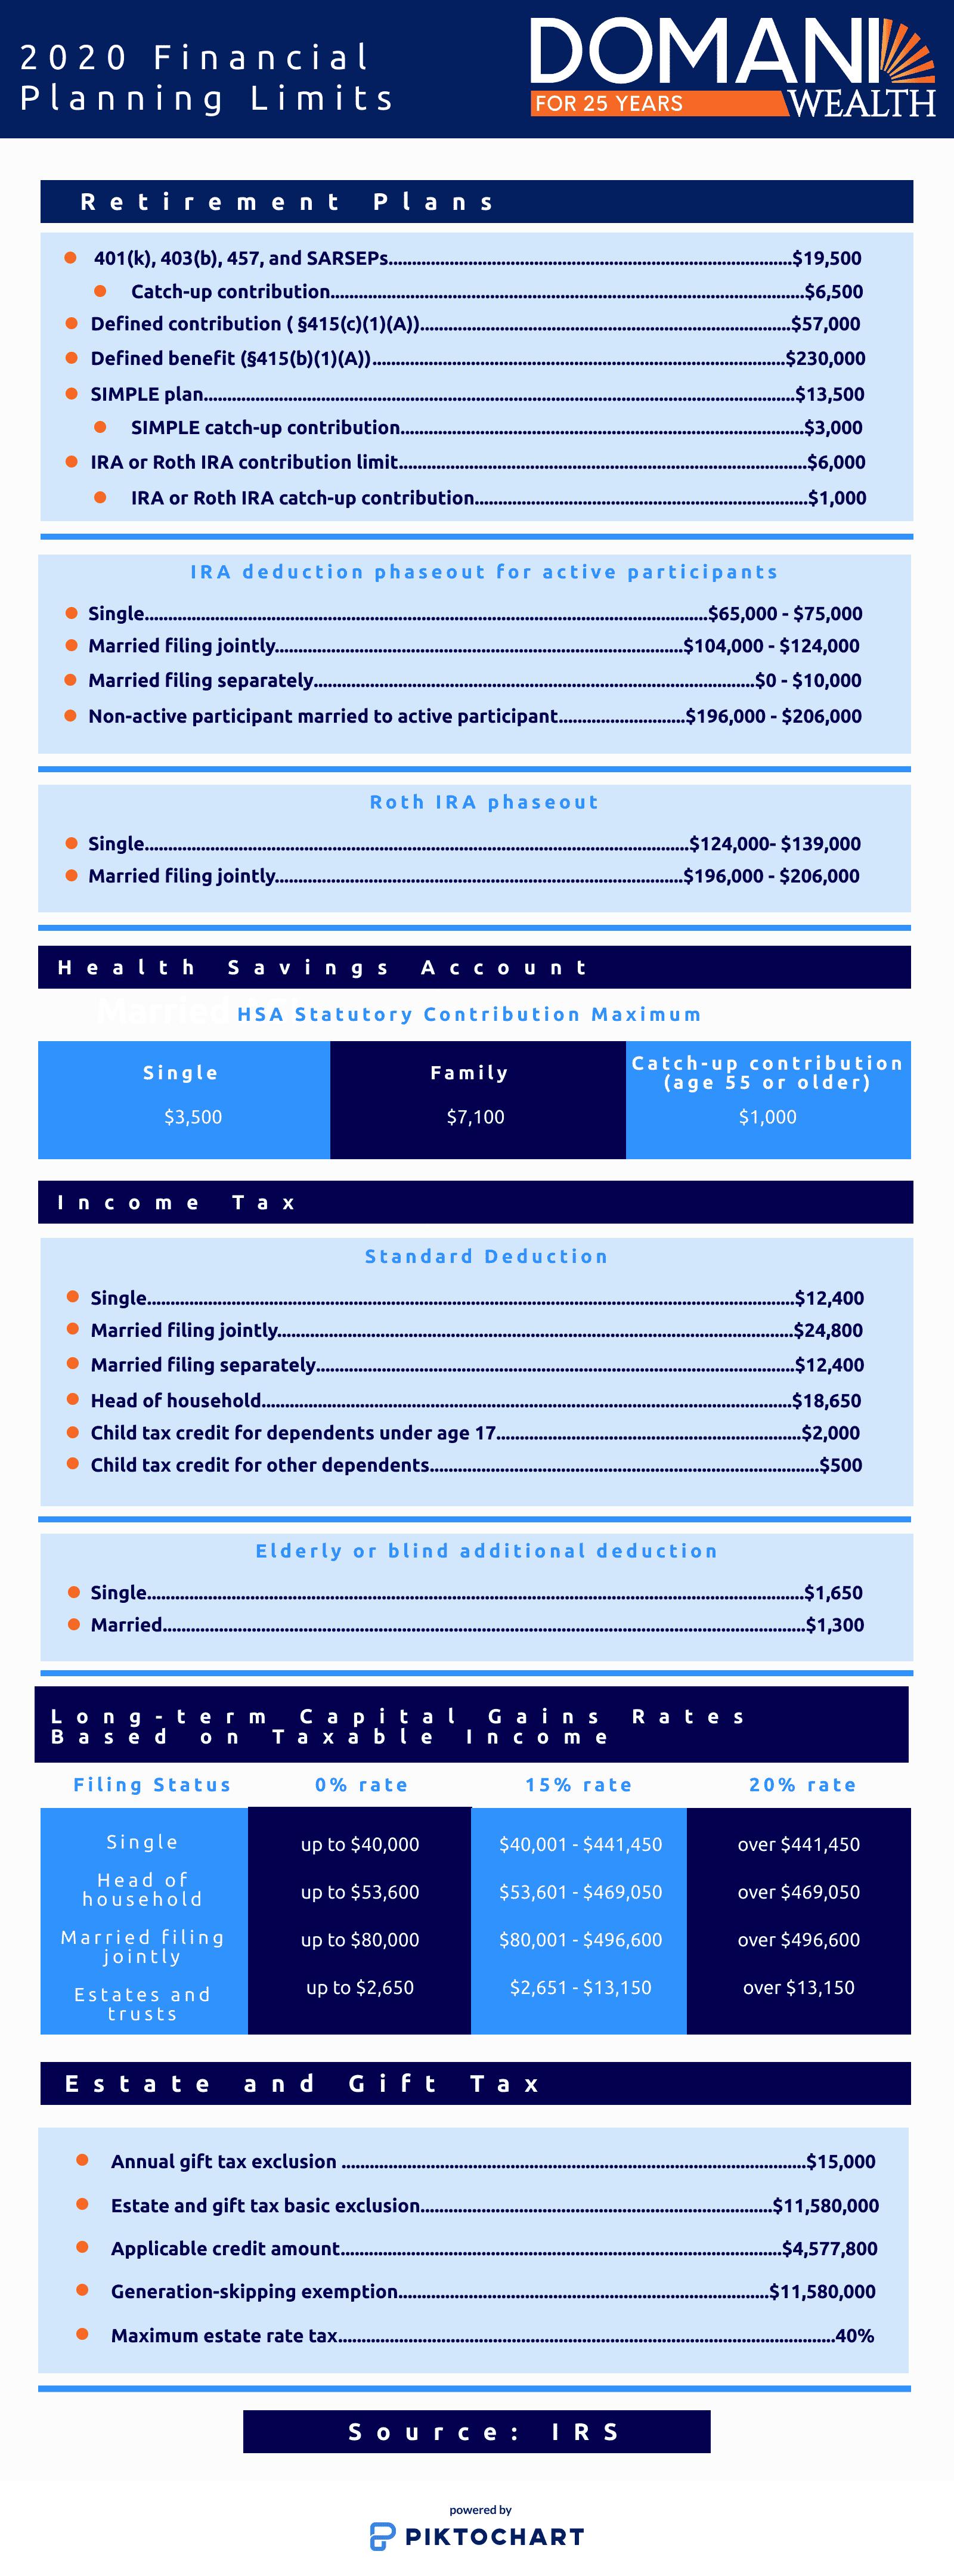 2020 Financial Planning Tax Limits